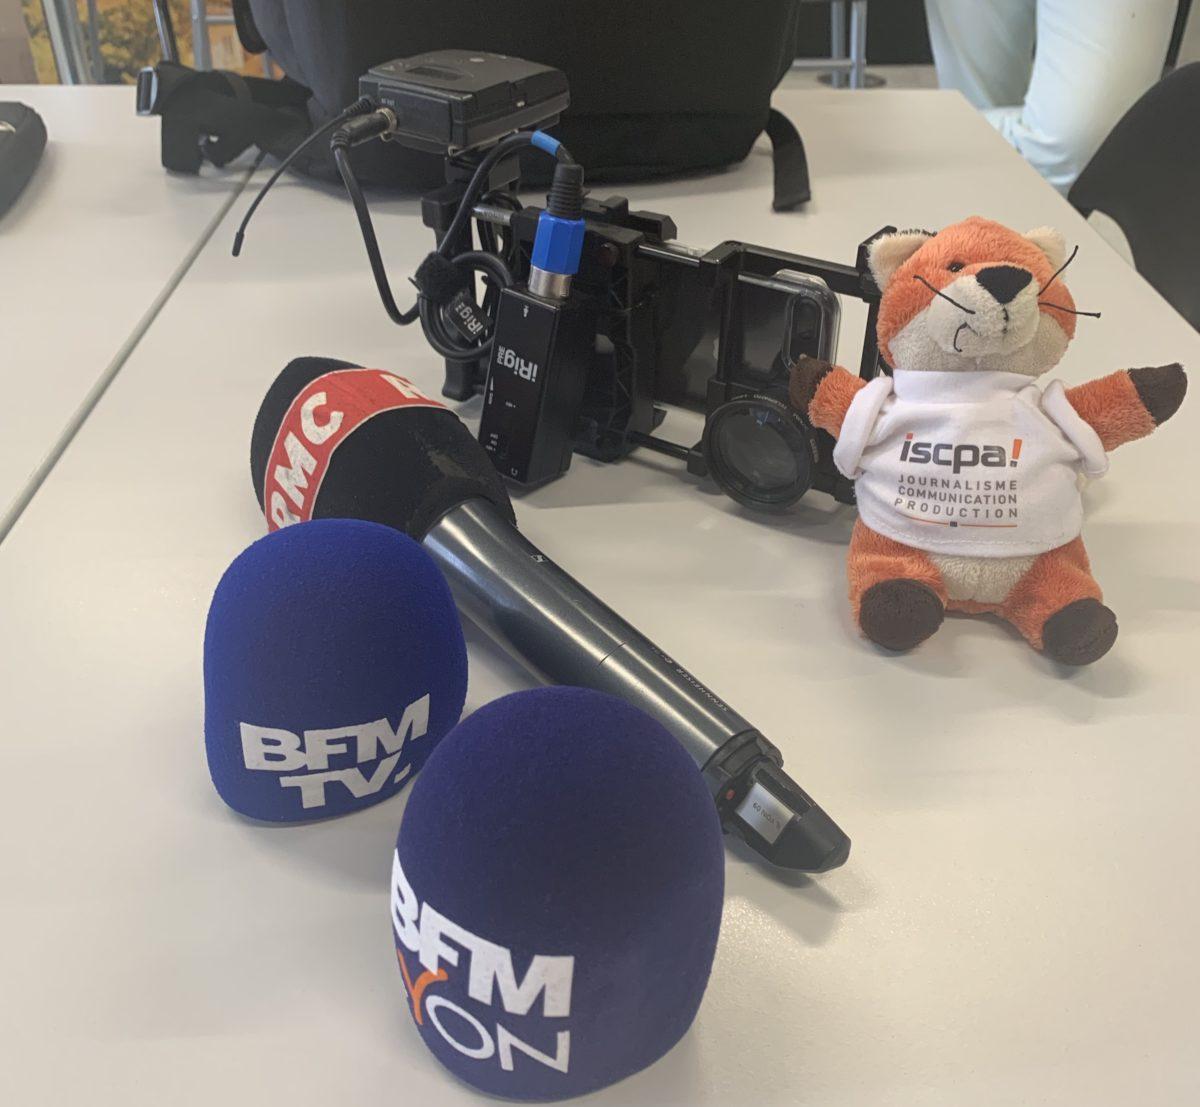 Rencontre avec les journalistes de BFM LYON